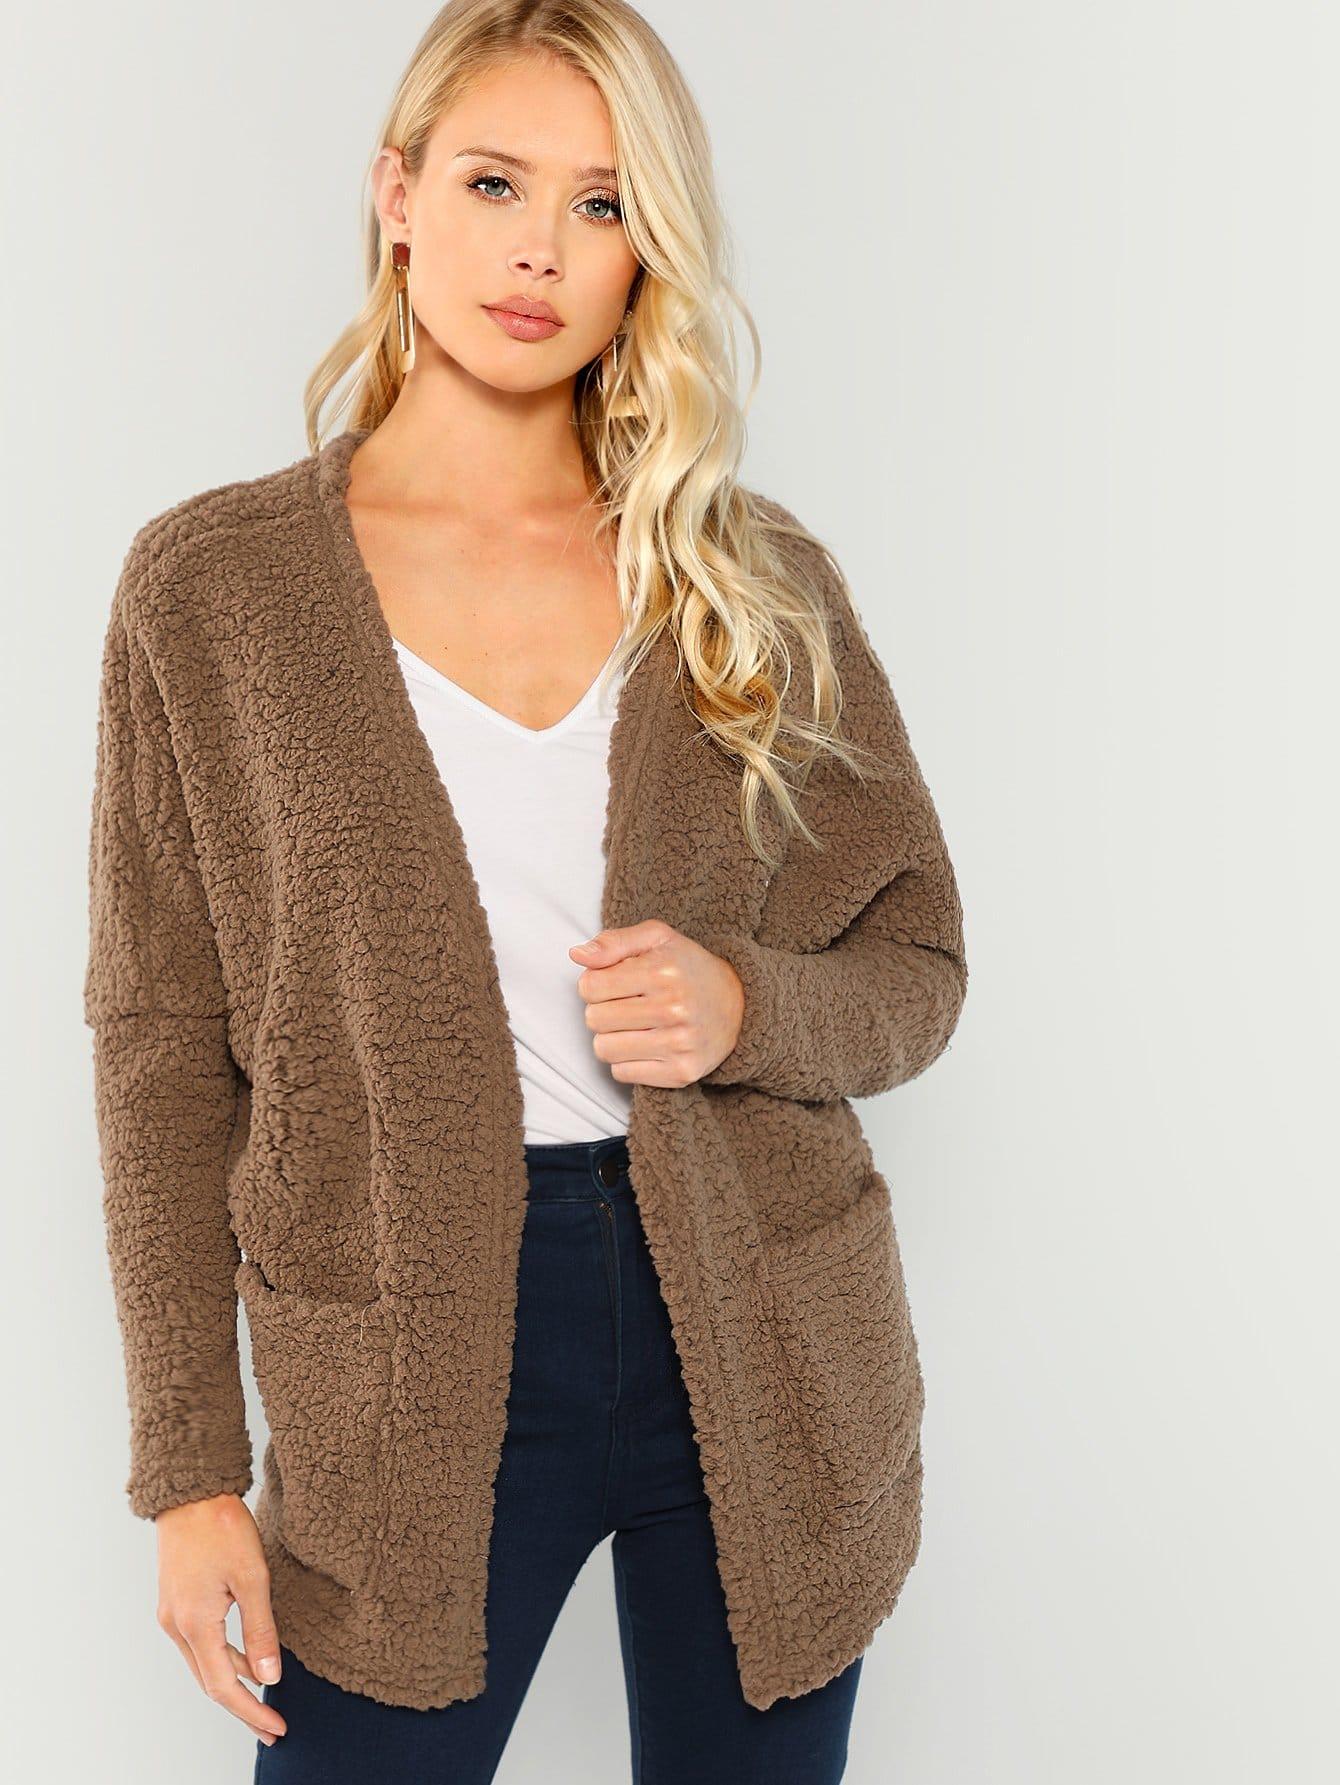 Купить Открытой передней тедди пальто из искусственного меха, Allie Leggett, SheIn